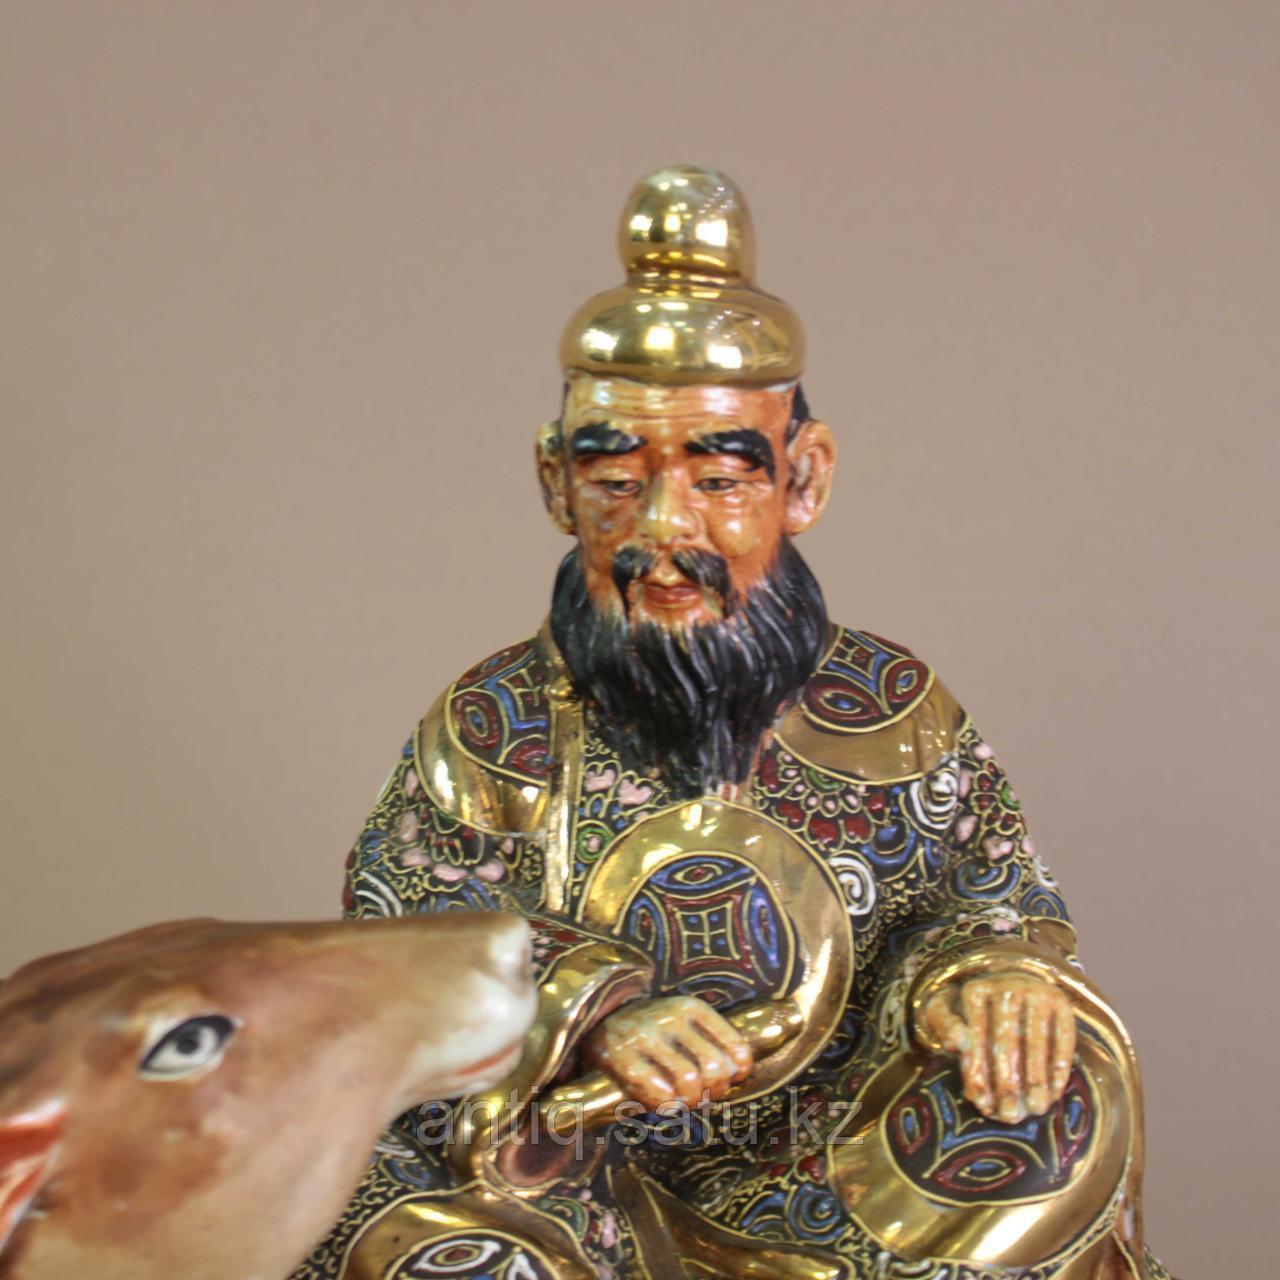 Дзюродзин на олене Япония. Начало ХХ века - фото 3